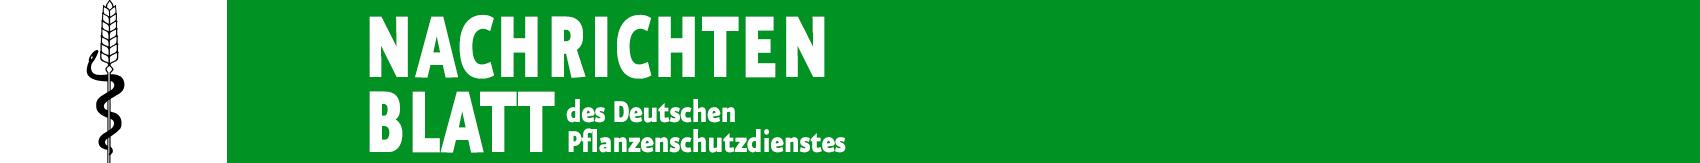 header nachrichtenblatt